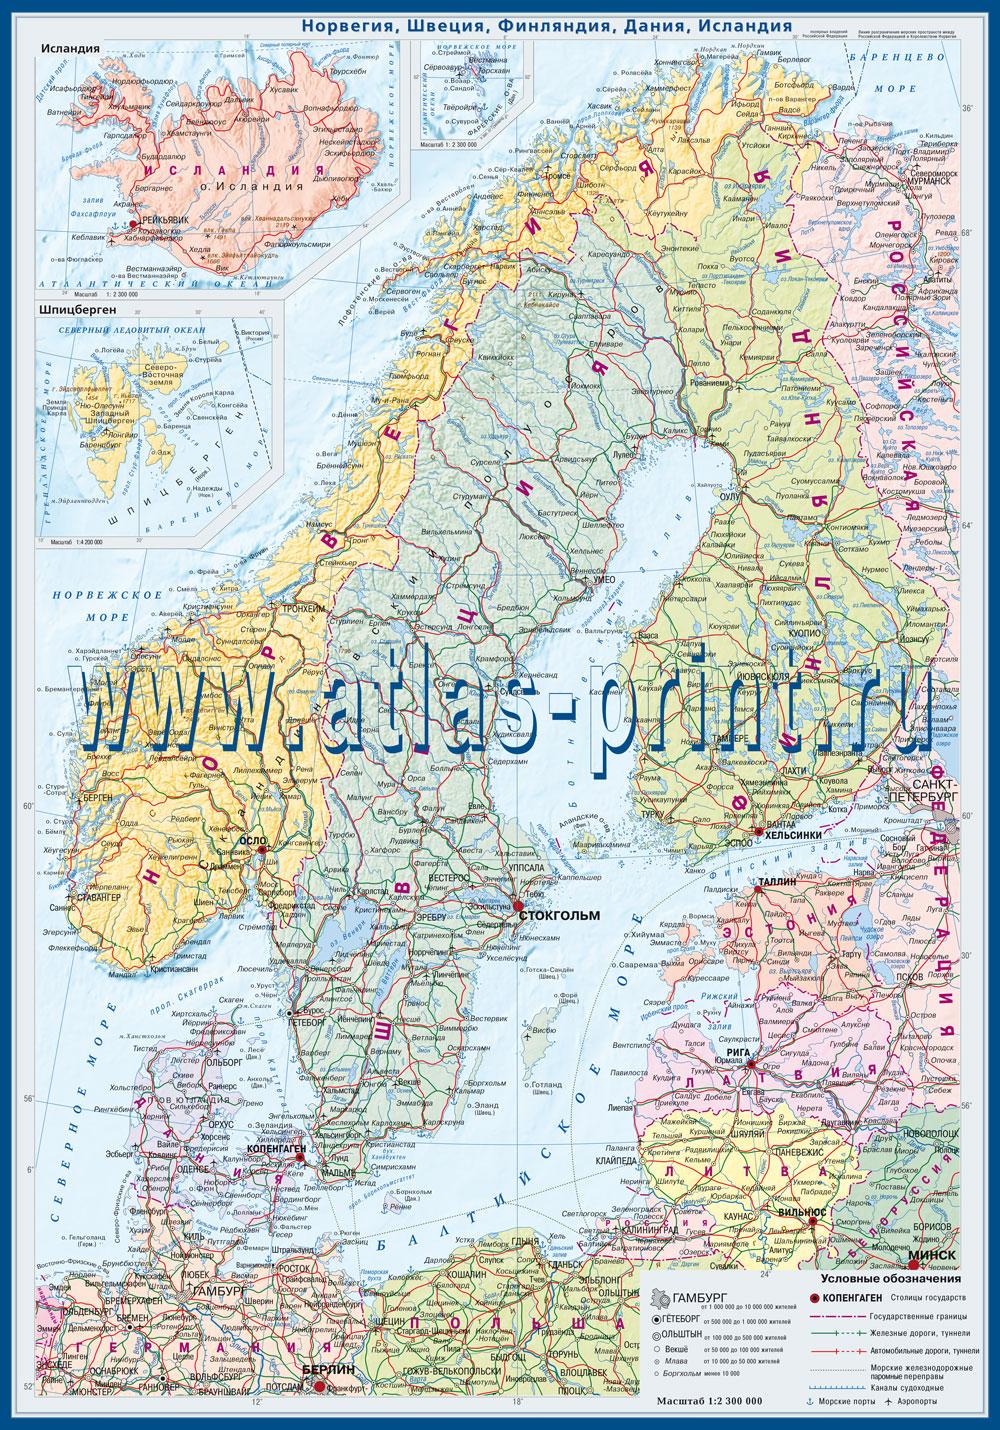 Настенная карта Норвегии, Швеции, Финляндии, Дании, Исландии. Ламинированная. Р-р 0,70*1,0 м